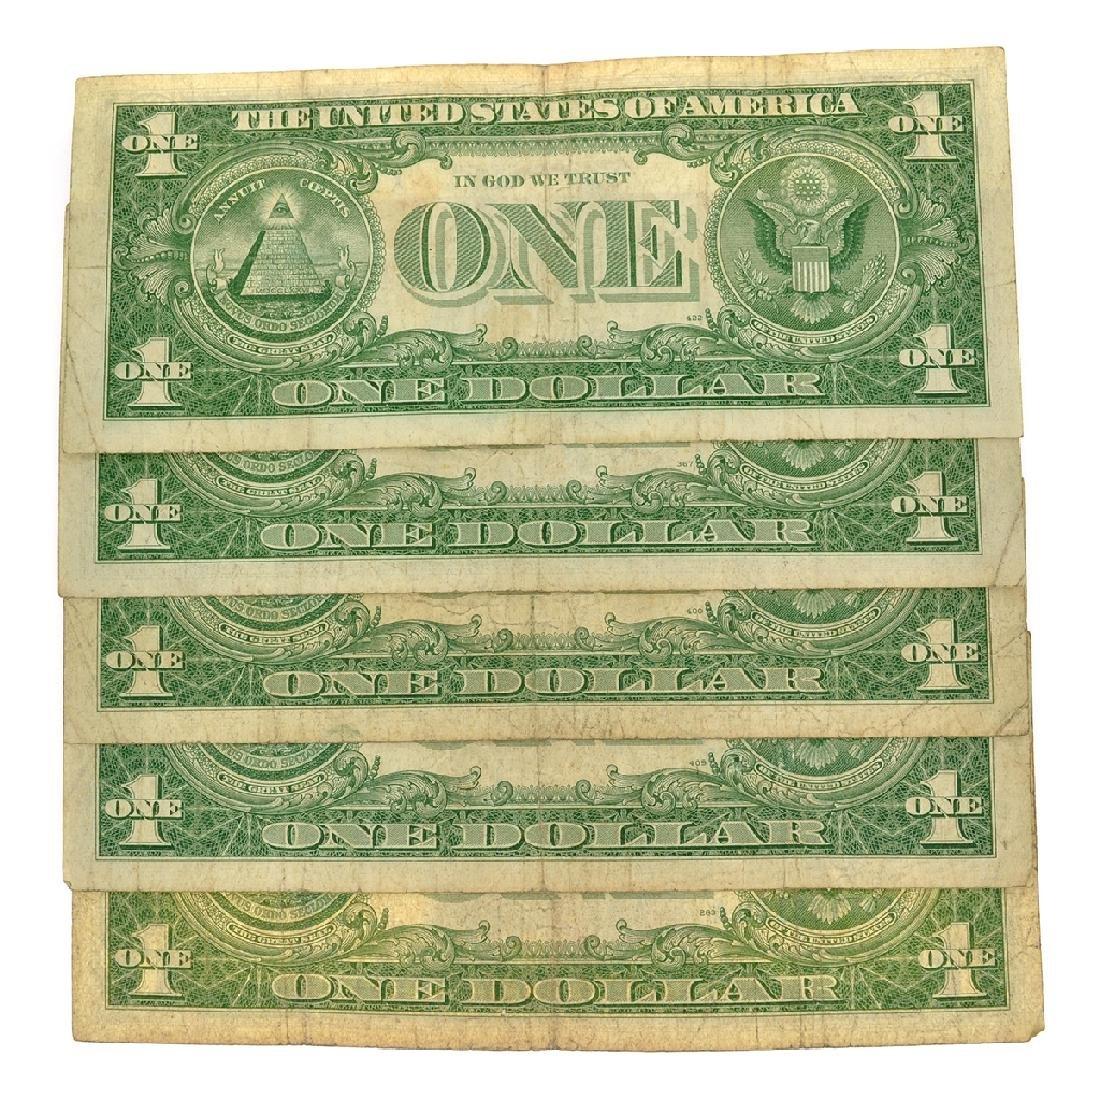 Nice (5) 1957 $1 U.S. Silver Certificates - 2